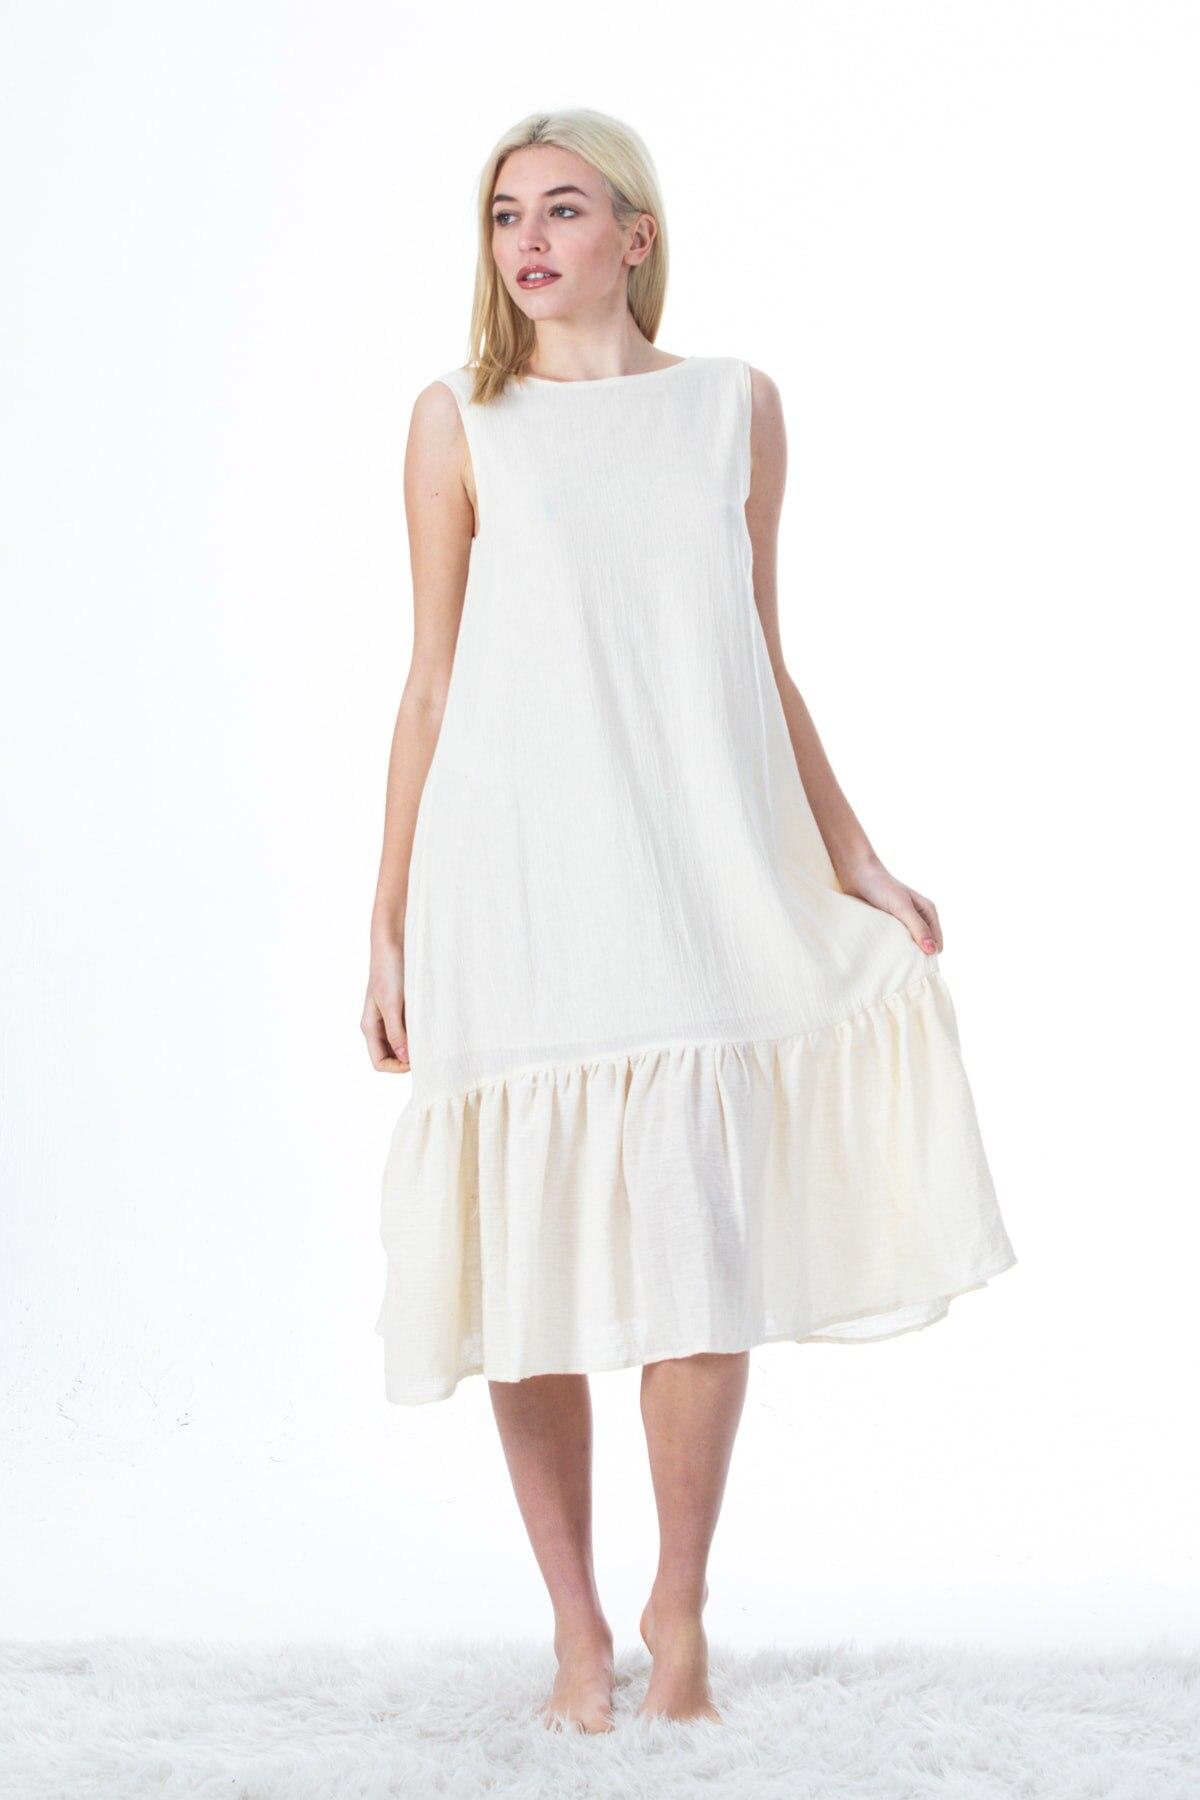 فستان نسائي خاص 100% مصنوع من القطن العضوي الانكليزي فستان شيلا عتيق بتصميم بوهيمي عتيق